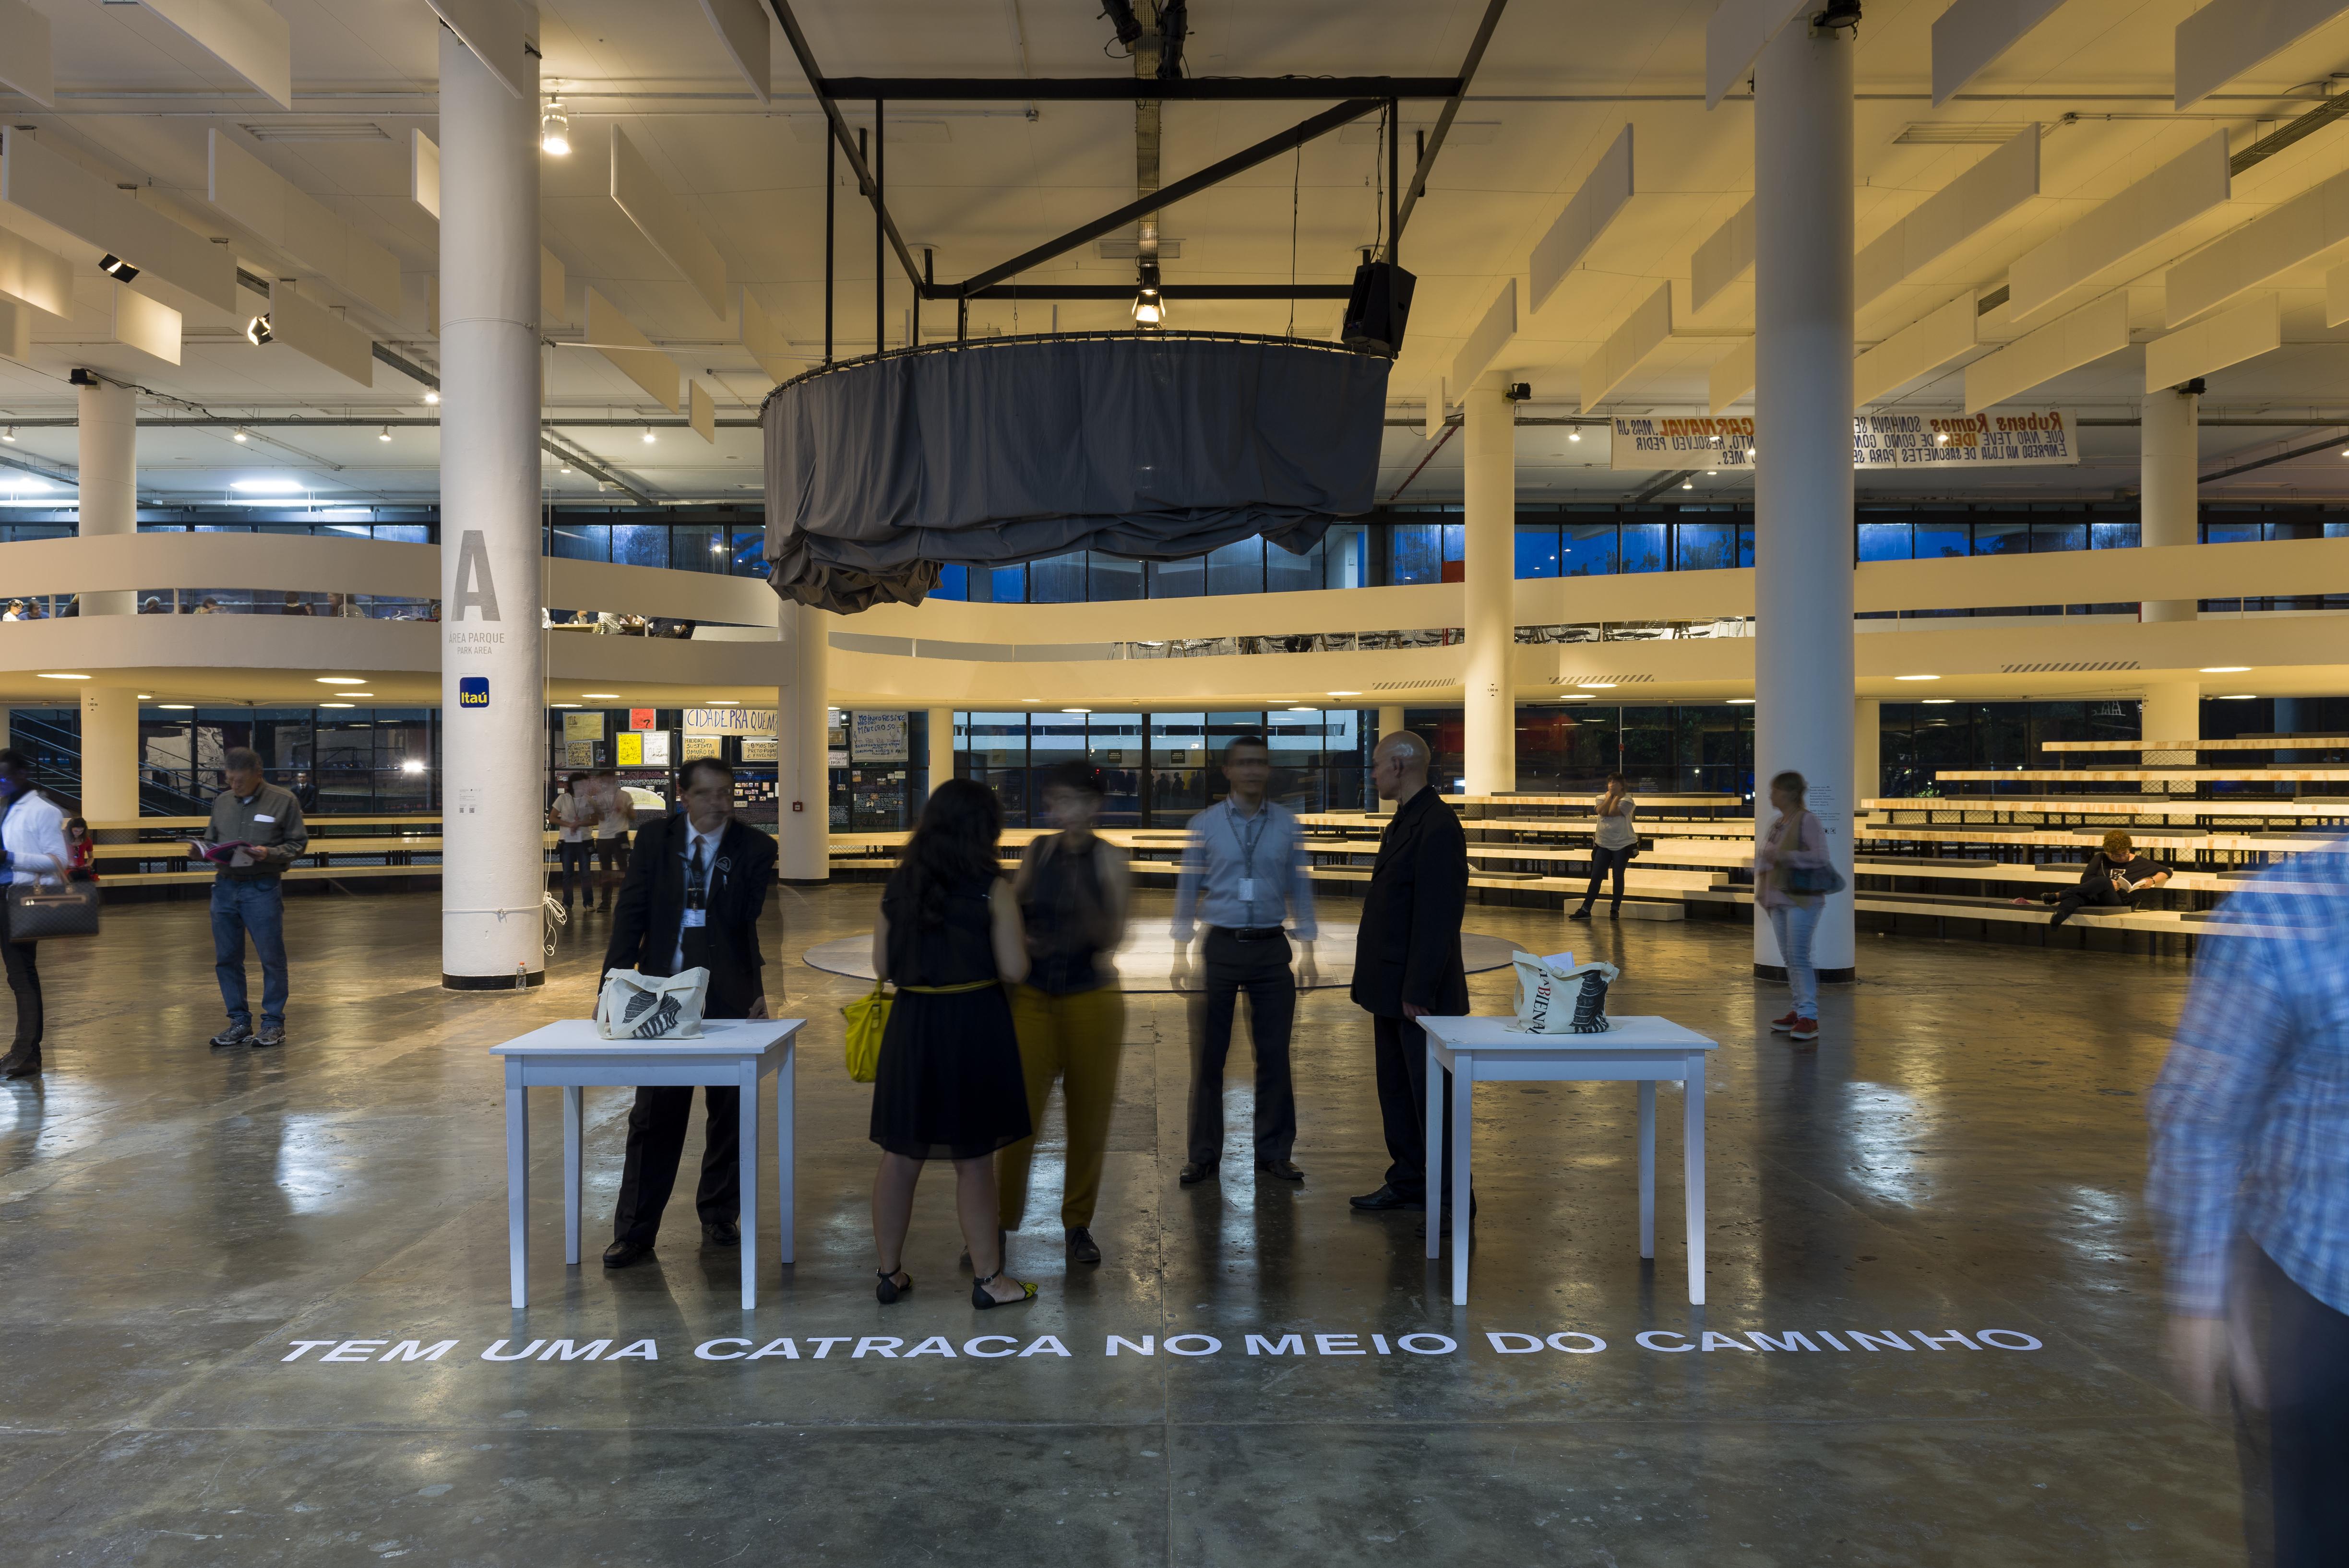 Registro da intervenção de Graziela Kunsch, artista da 31a Bienal, durante a abertura para convidados. São Paulo 02/09/2014. © Leo Eloy / Fundação Bienal de São Paulo.